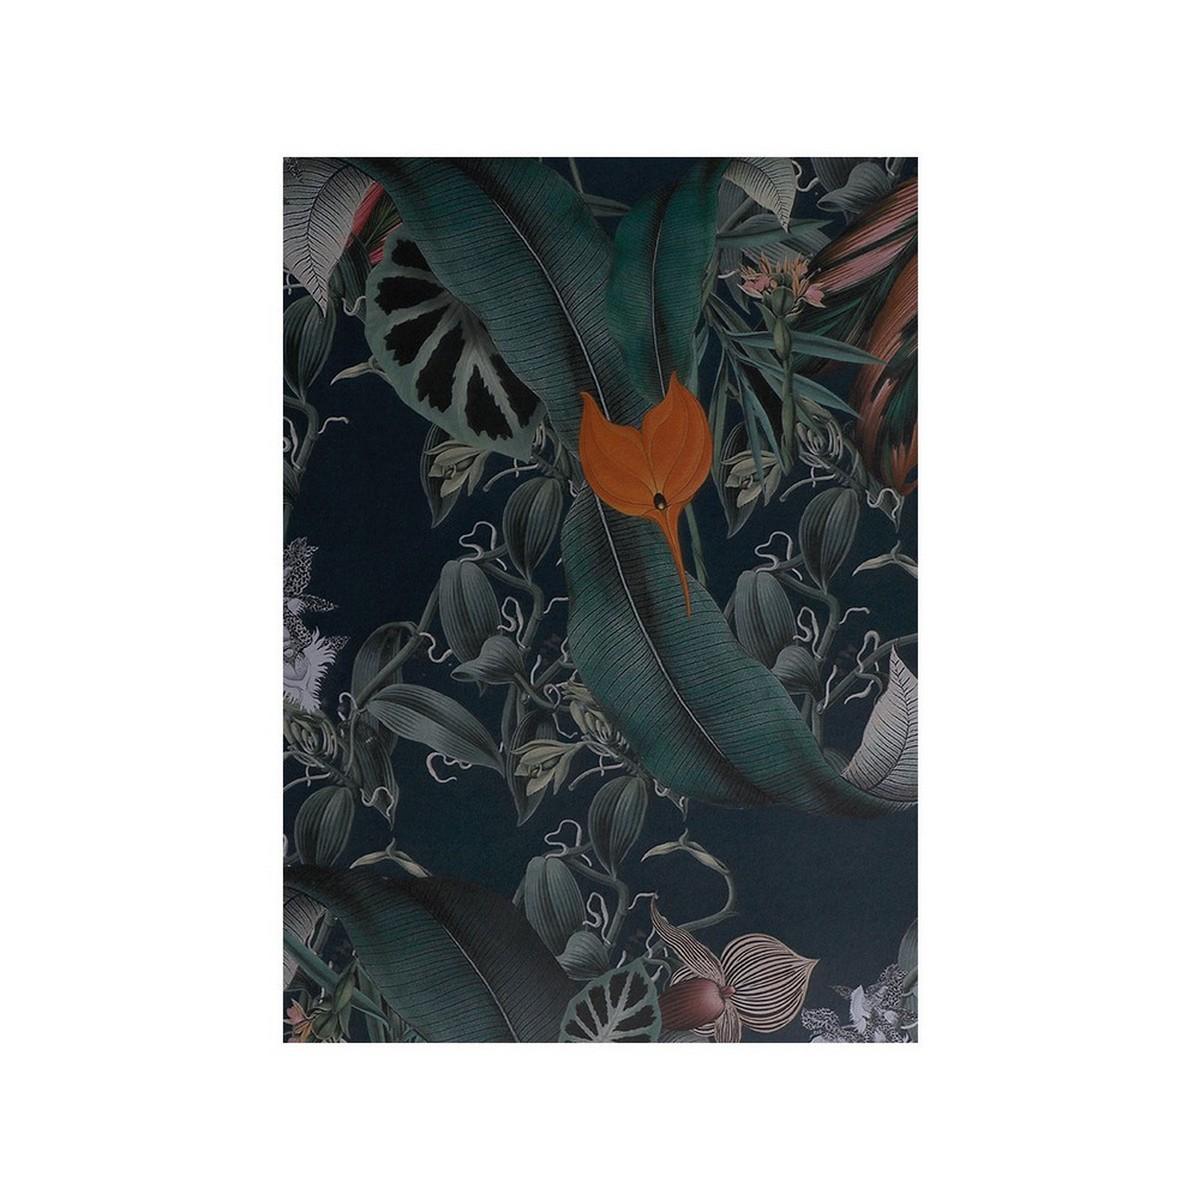 Diseño de Interiores: Ideas para comedores de mediados de Siglo contemporáneos diseño de interiores Diseño de Interiores: Ideas para comedores de mediados de Siglo contemporáneos rs naif green wallpaper imagem principal 1